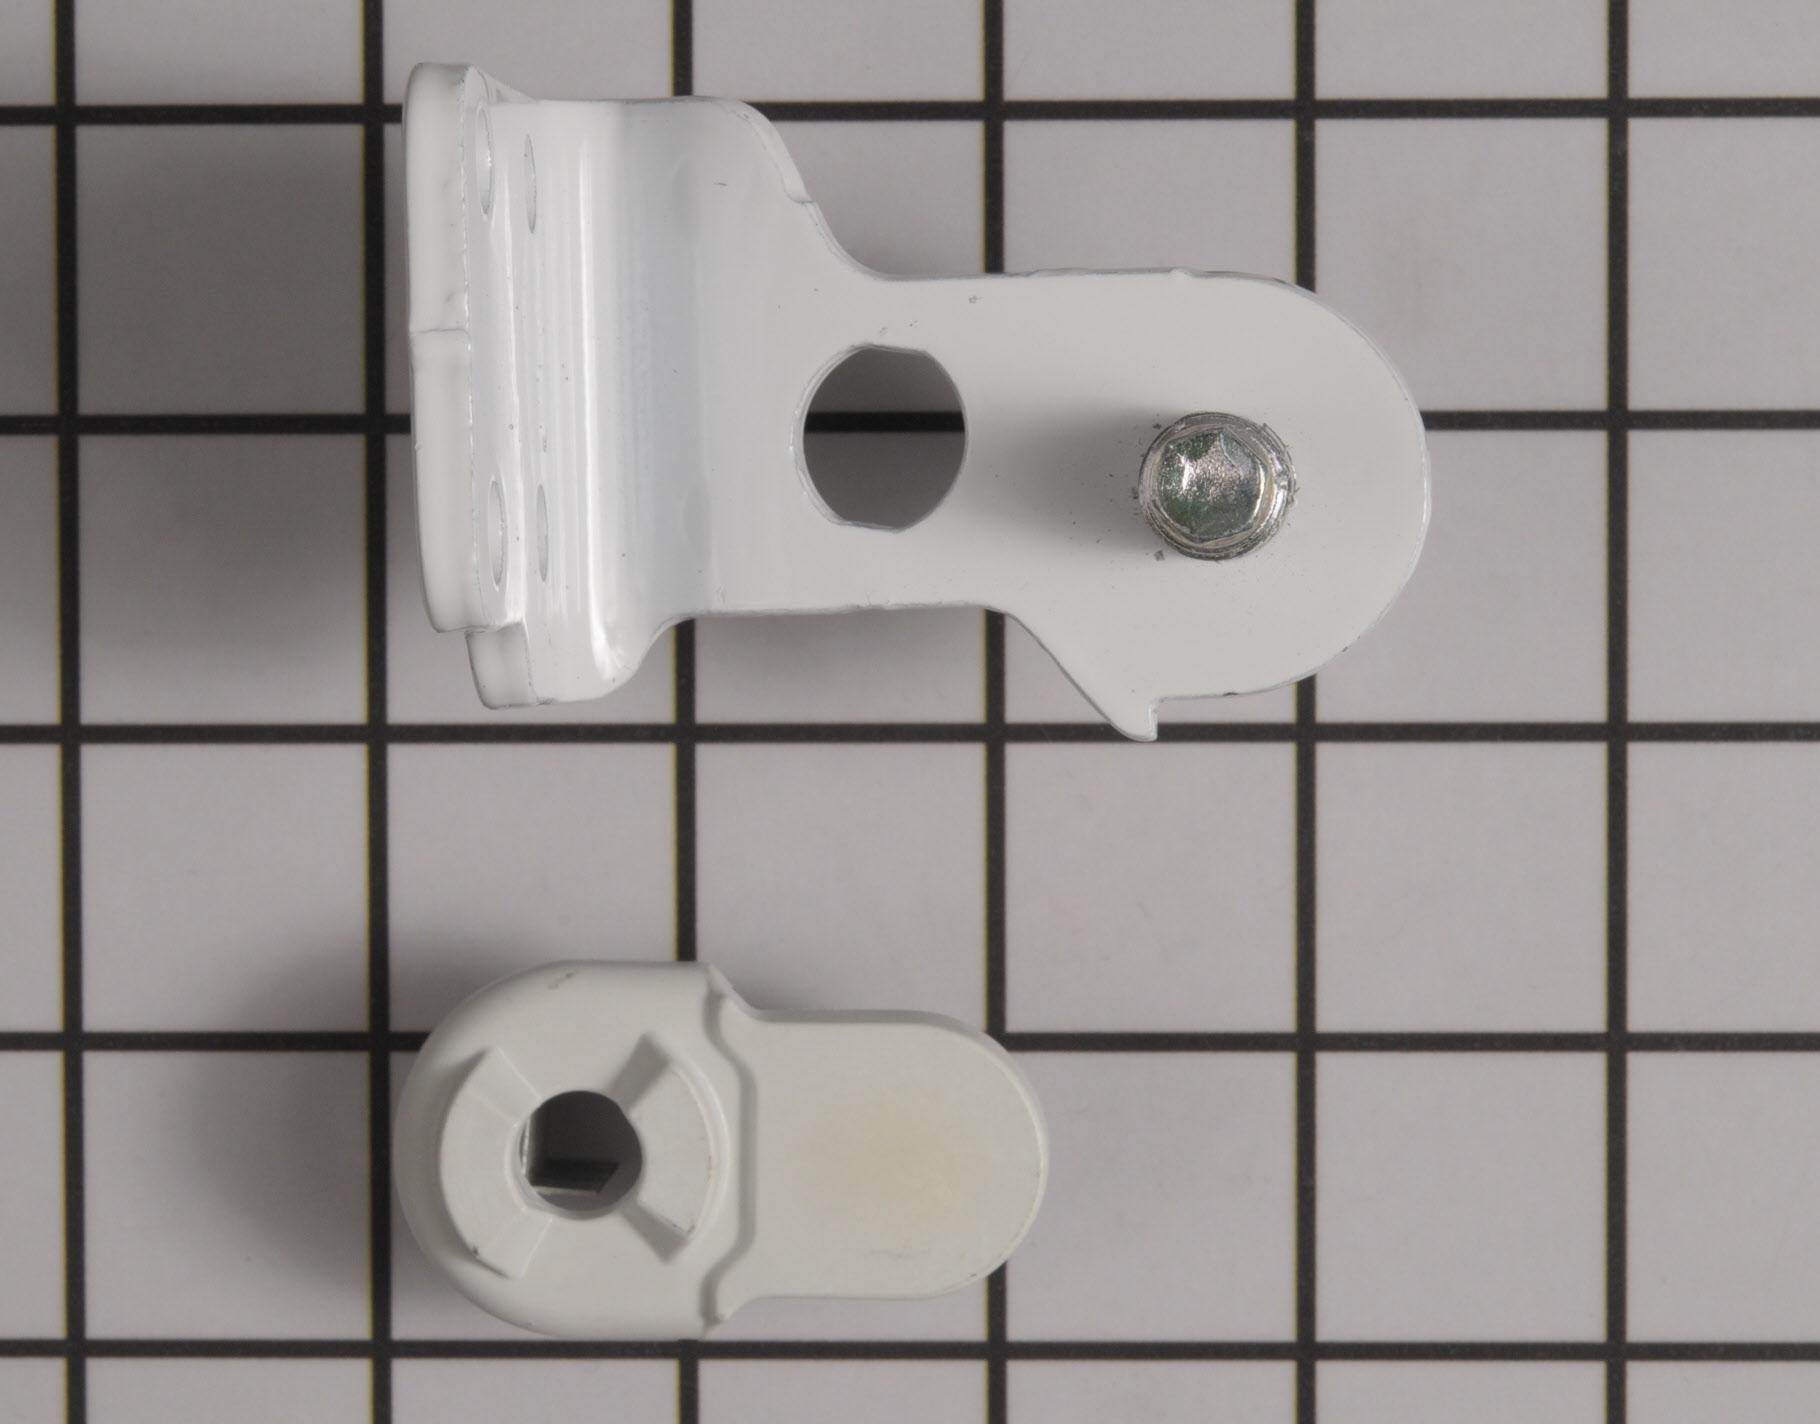 Kenmore Refrigerator Part # W10500000 - Door Hinge